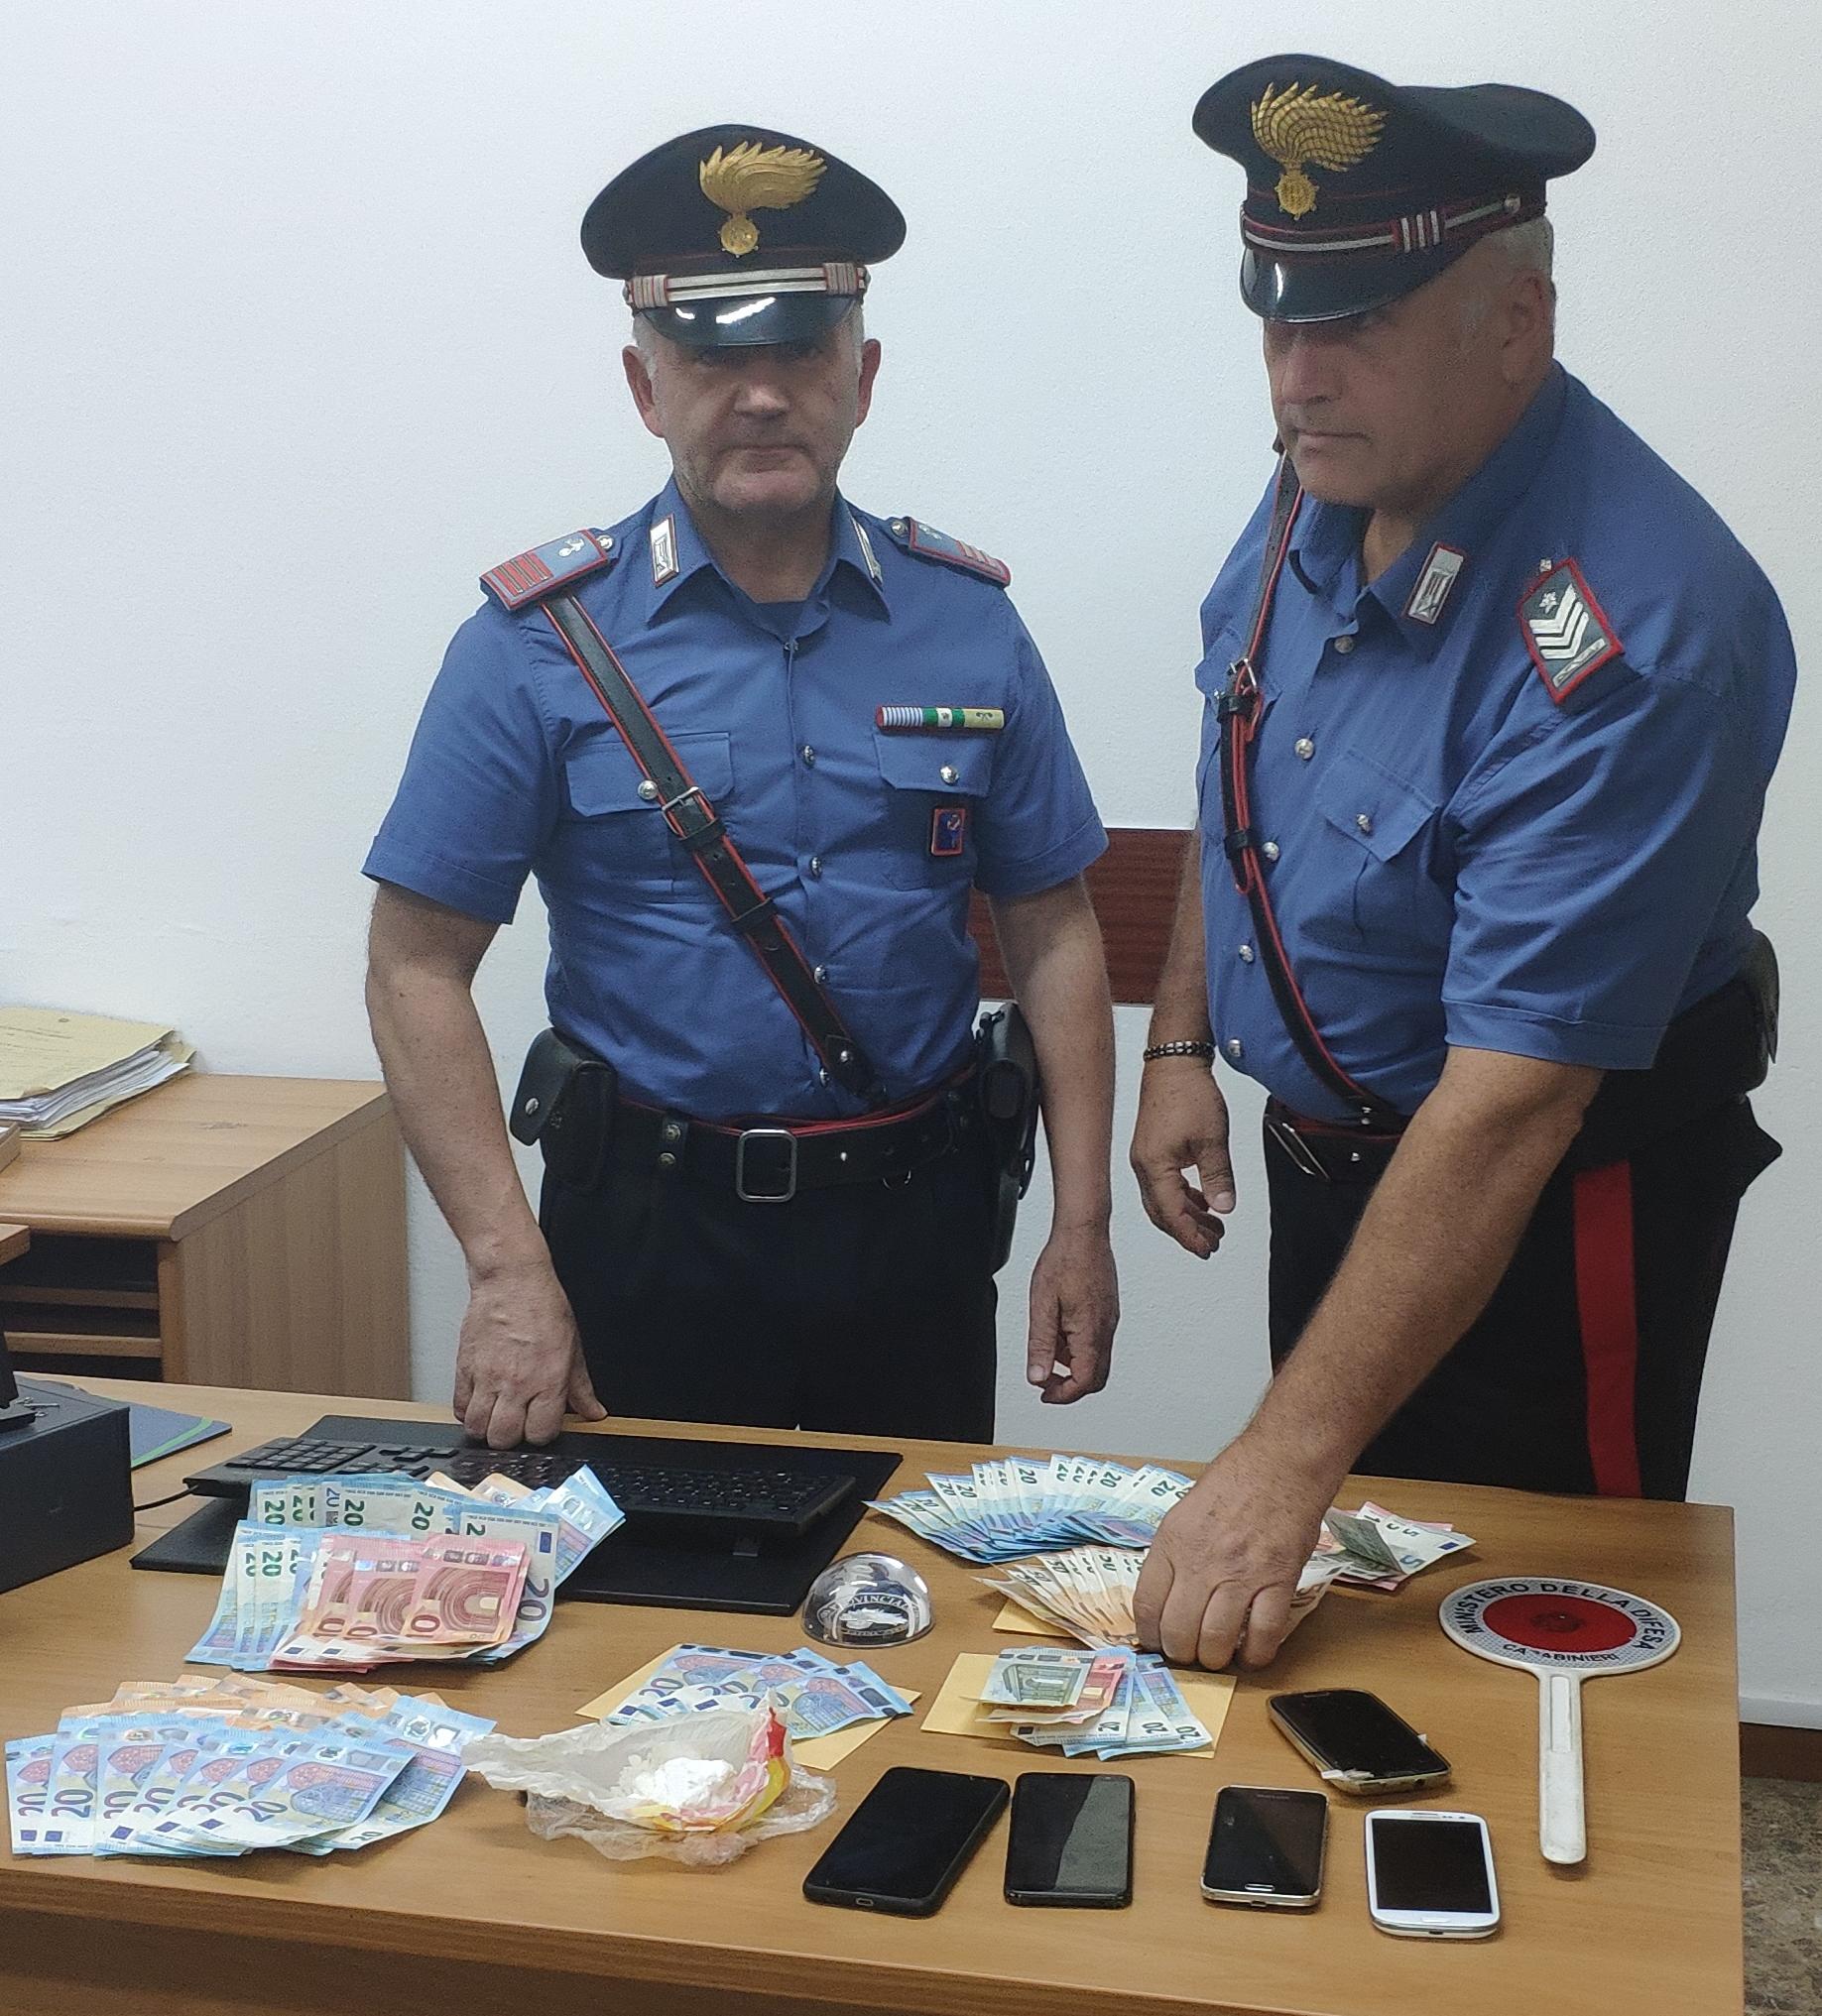 Stupefacenti, contanti e materiale sequestrato